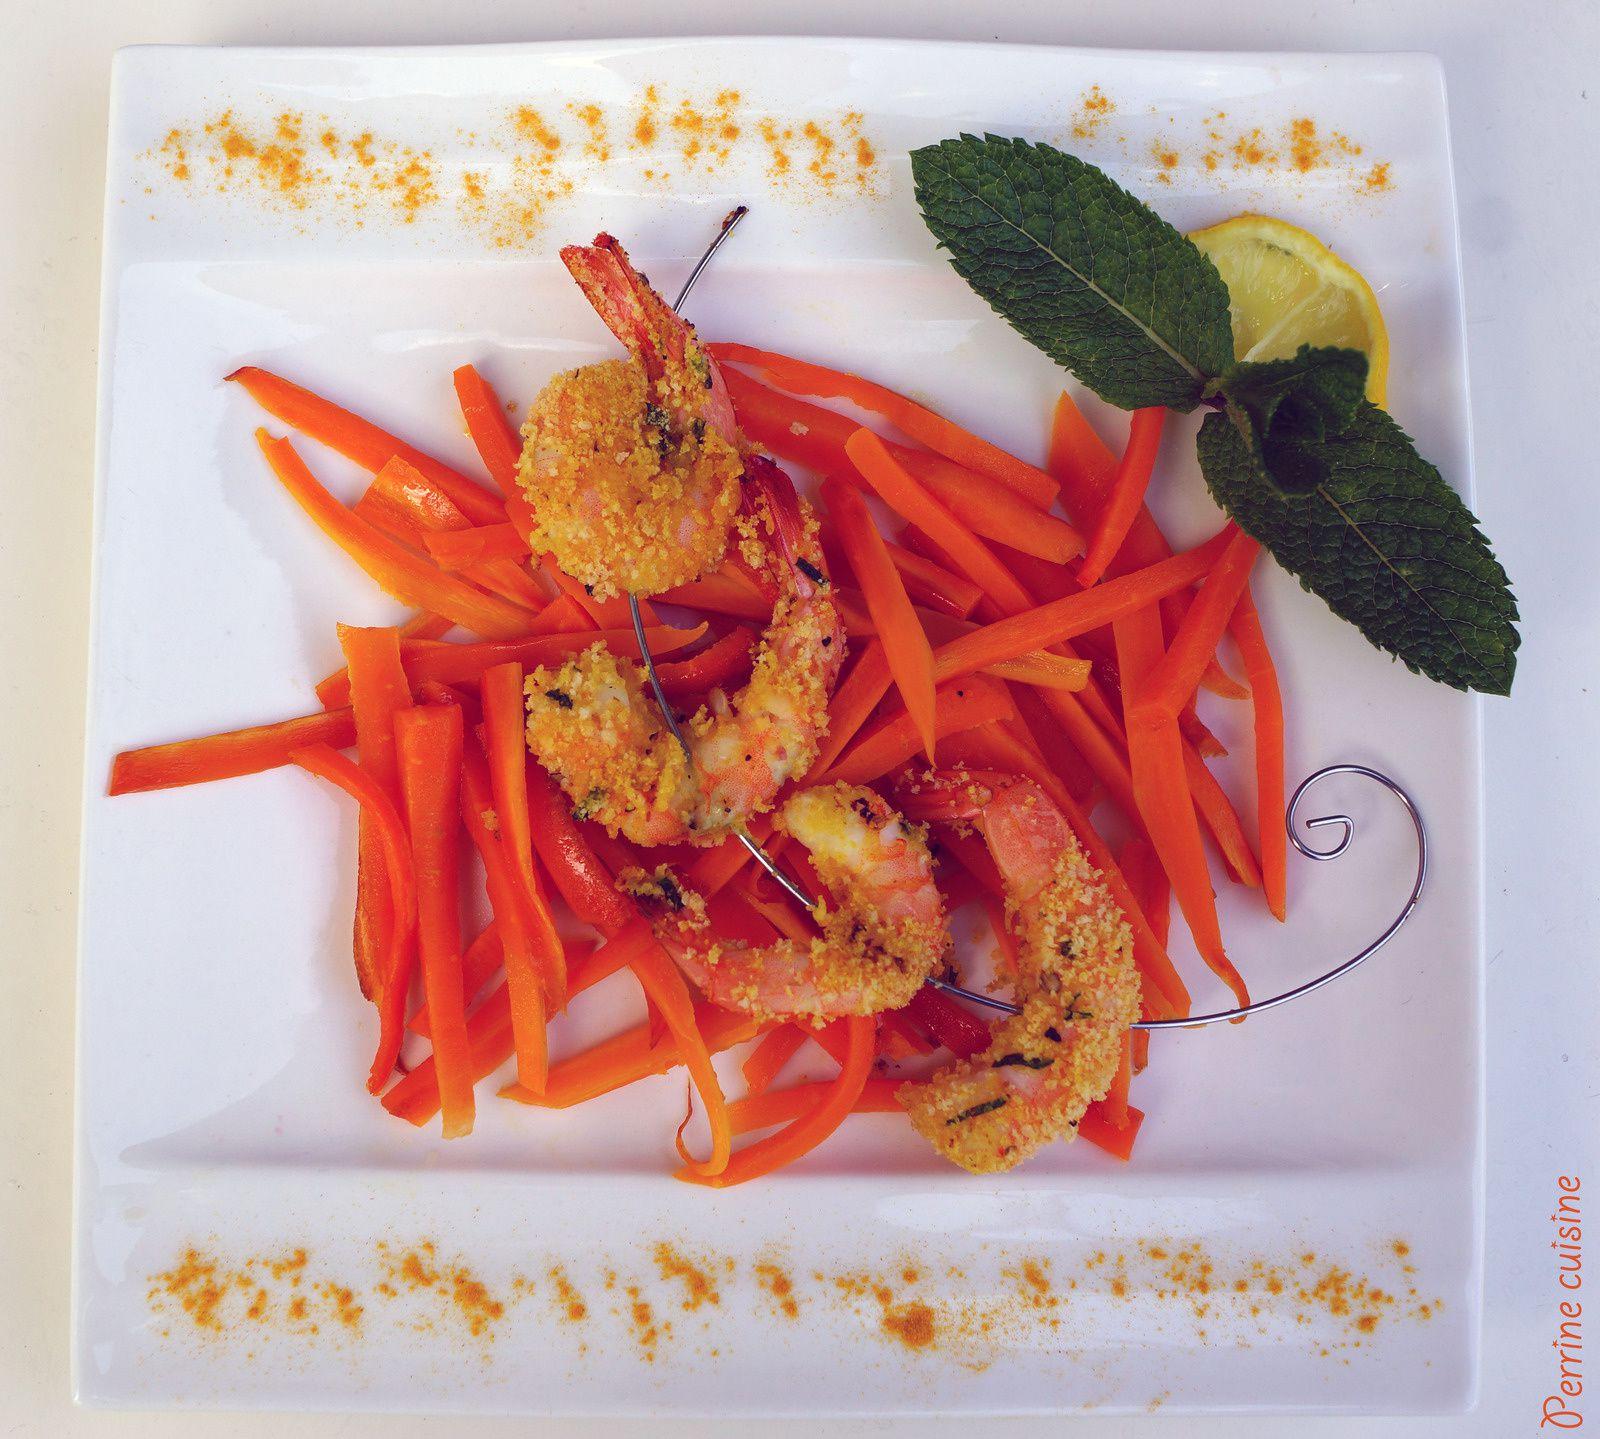 Brochette de crevettes croustillantes à la menthe et au curcuma, julienne de carottes glacées au miel